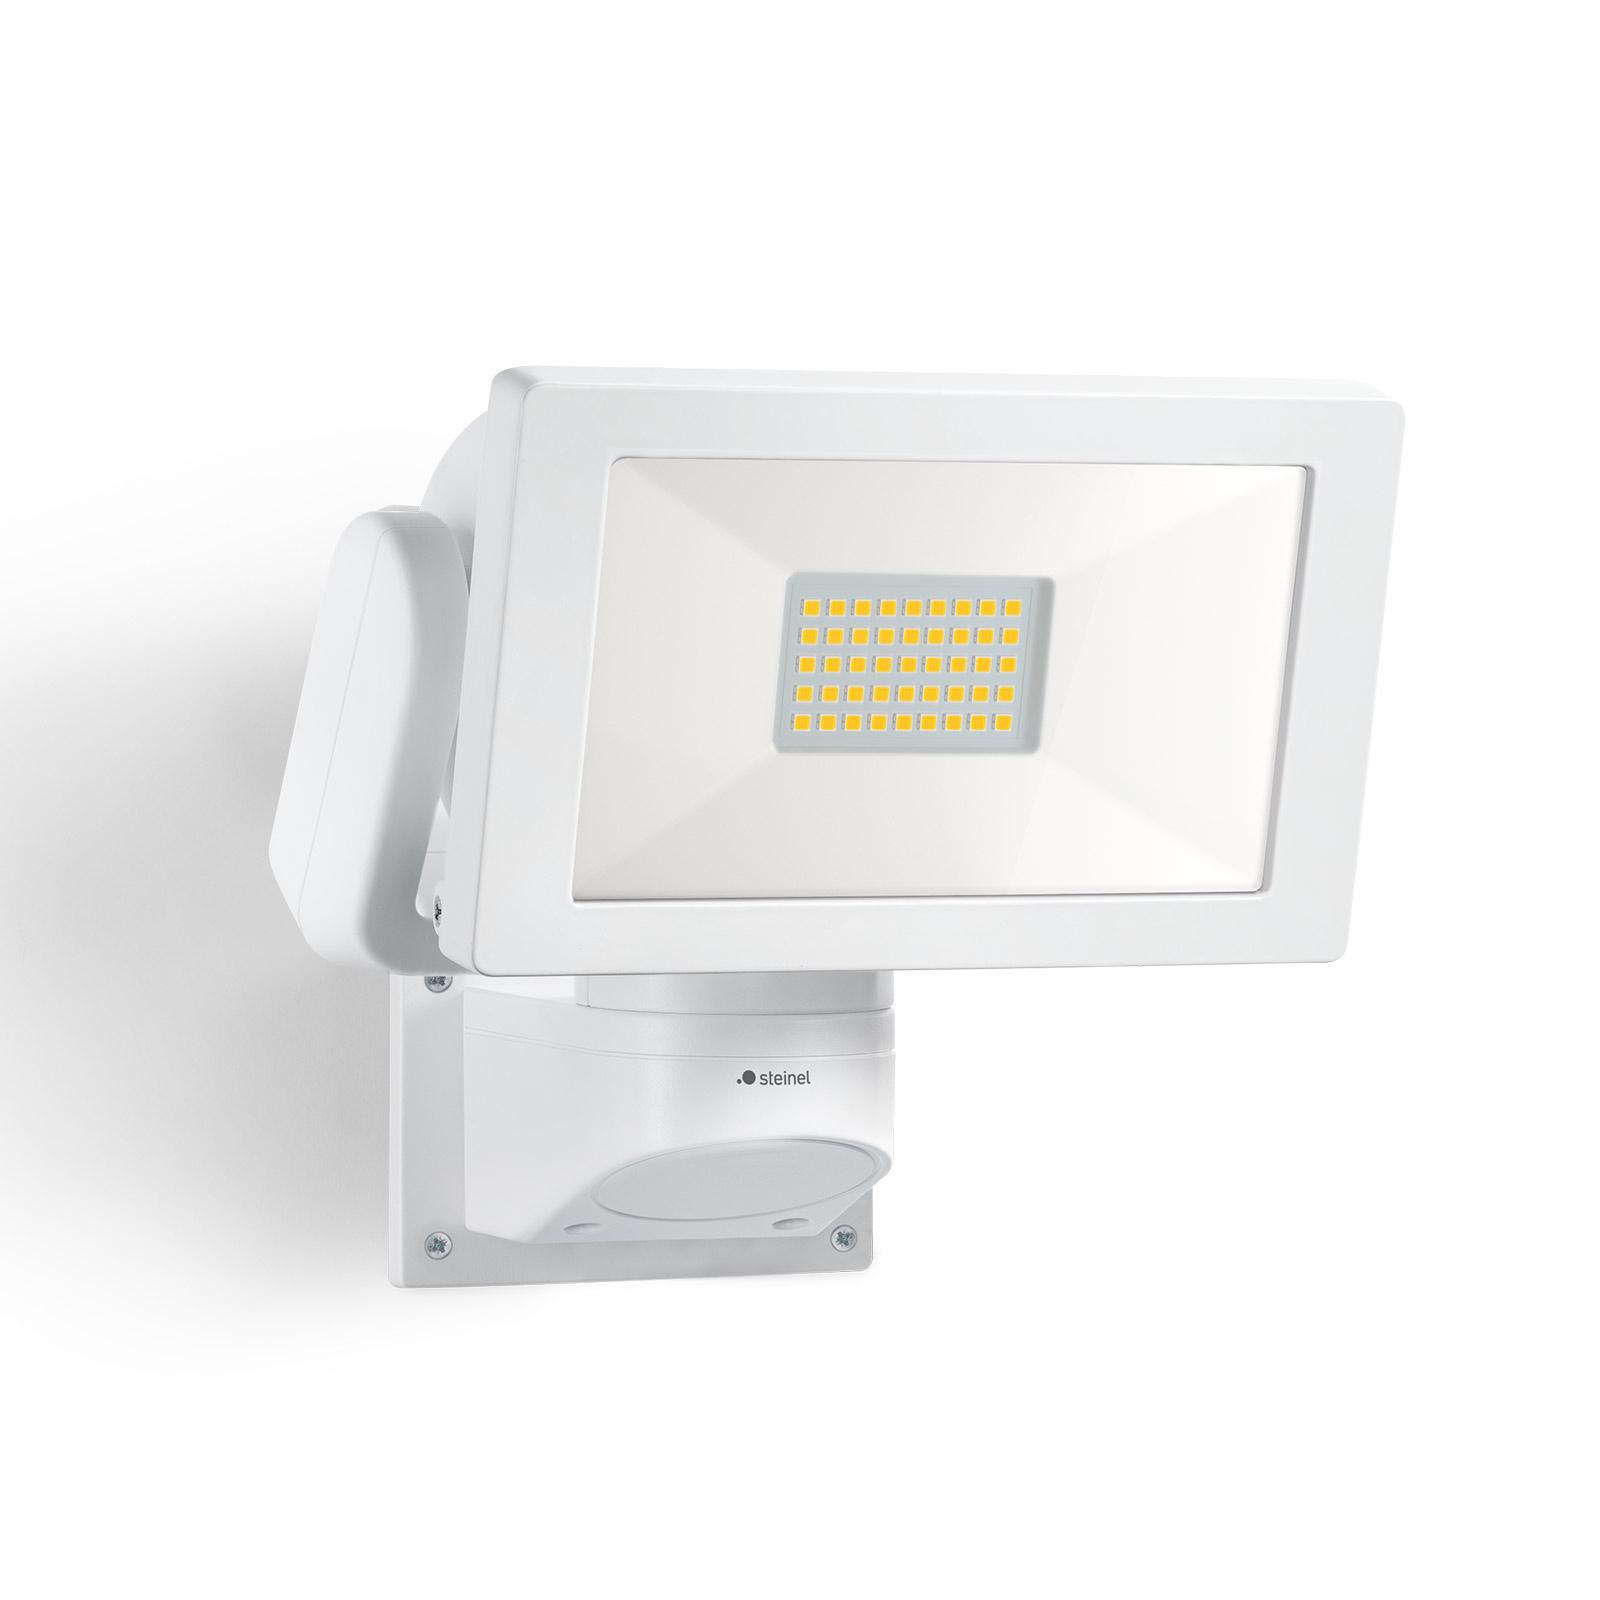 STEINEL LS 300 M utendørs LED-spot, hvit